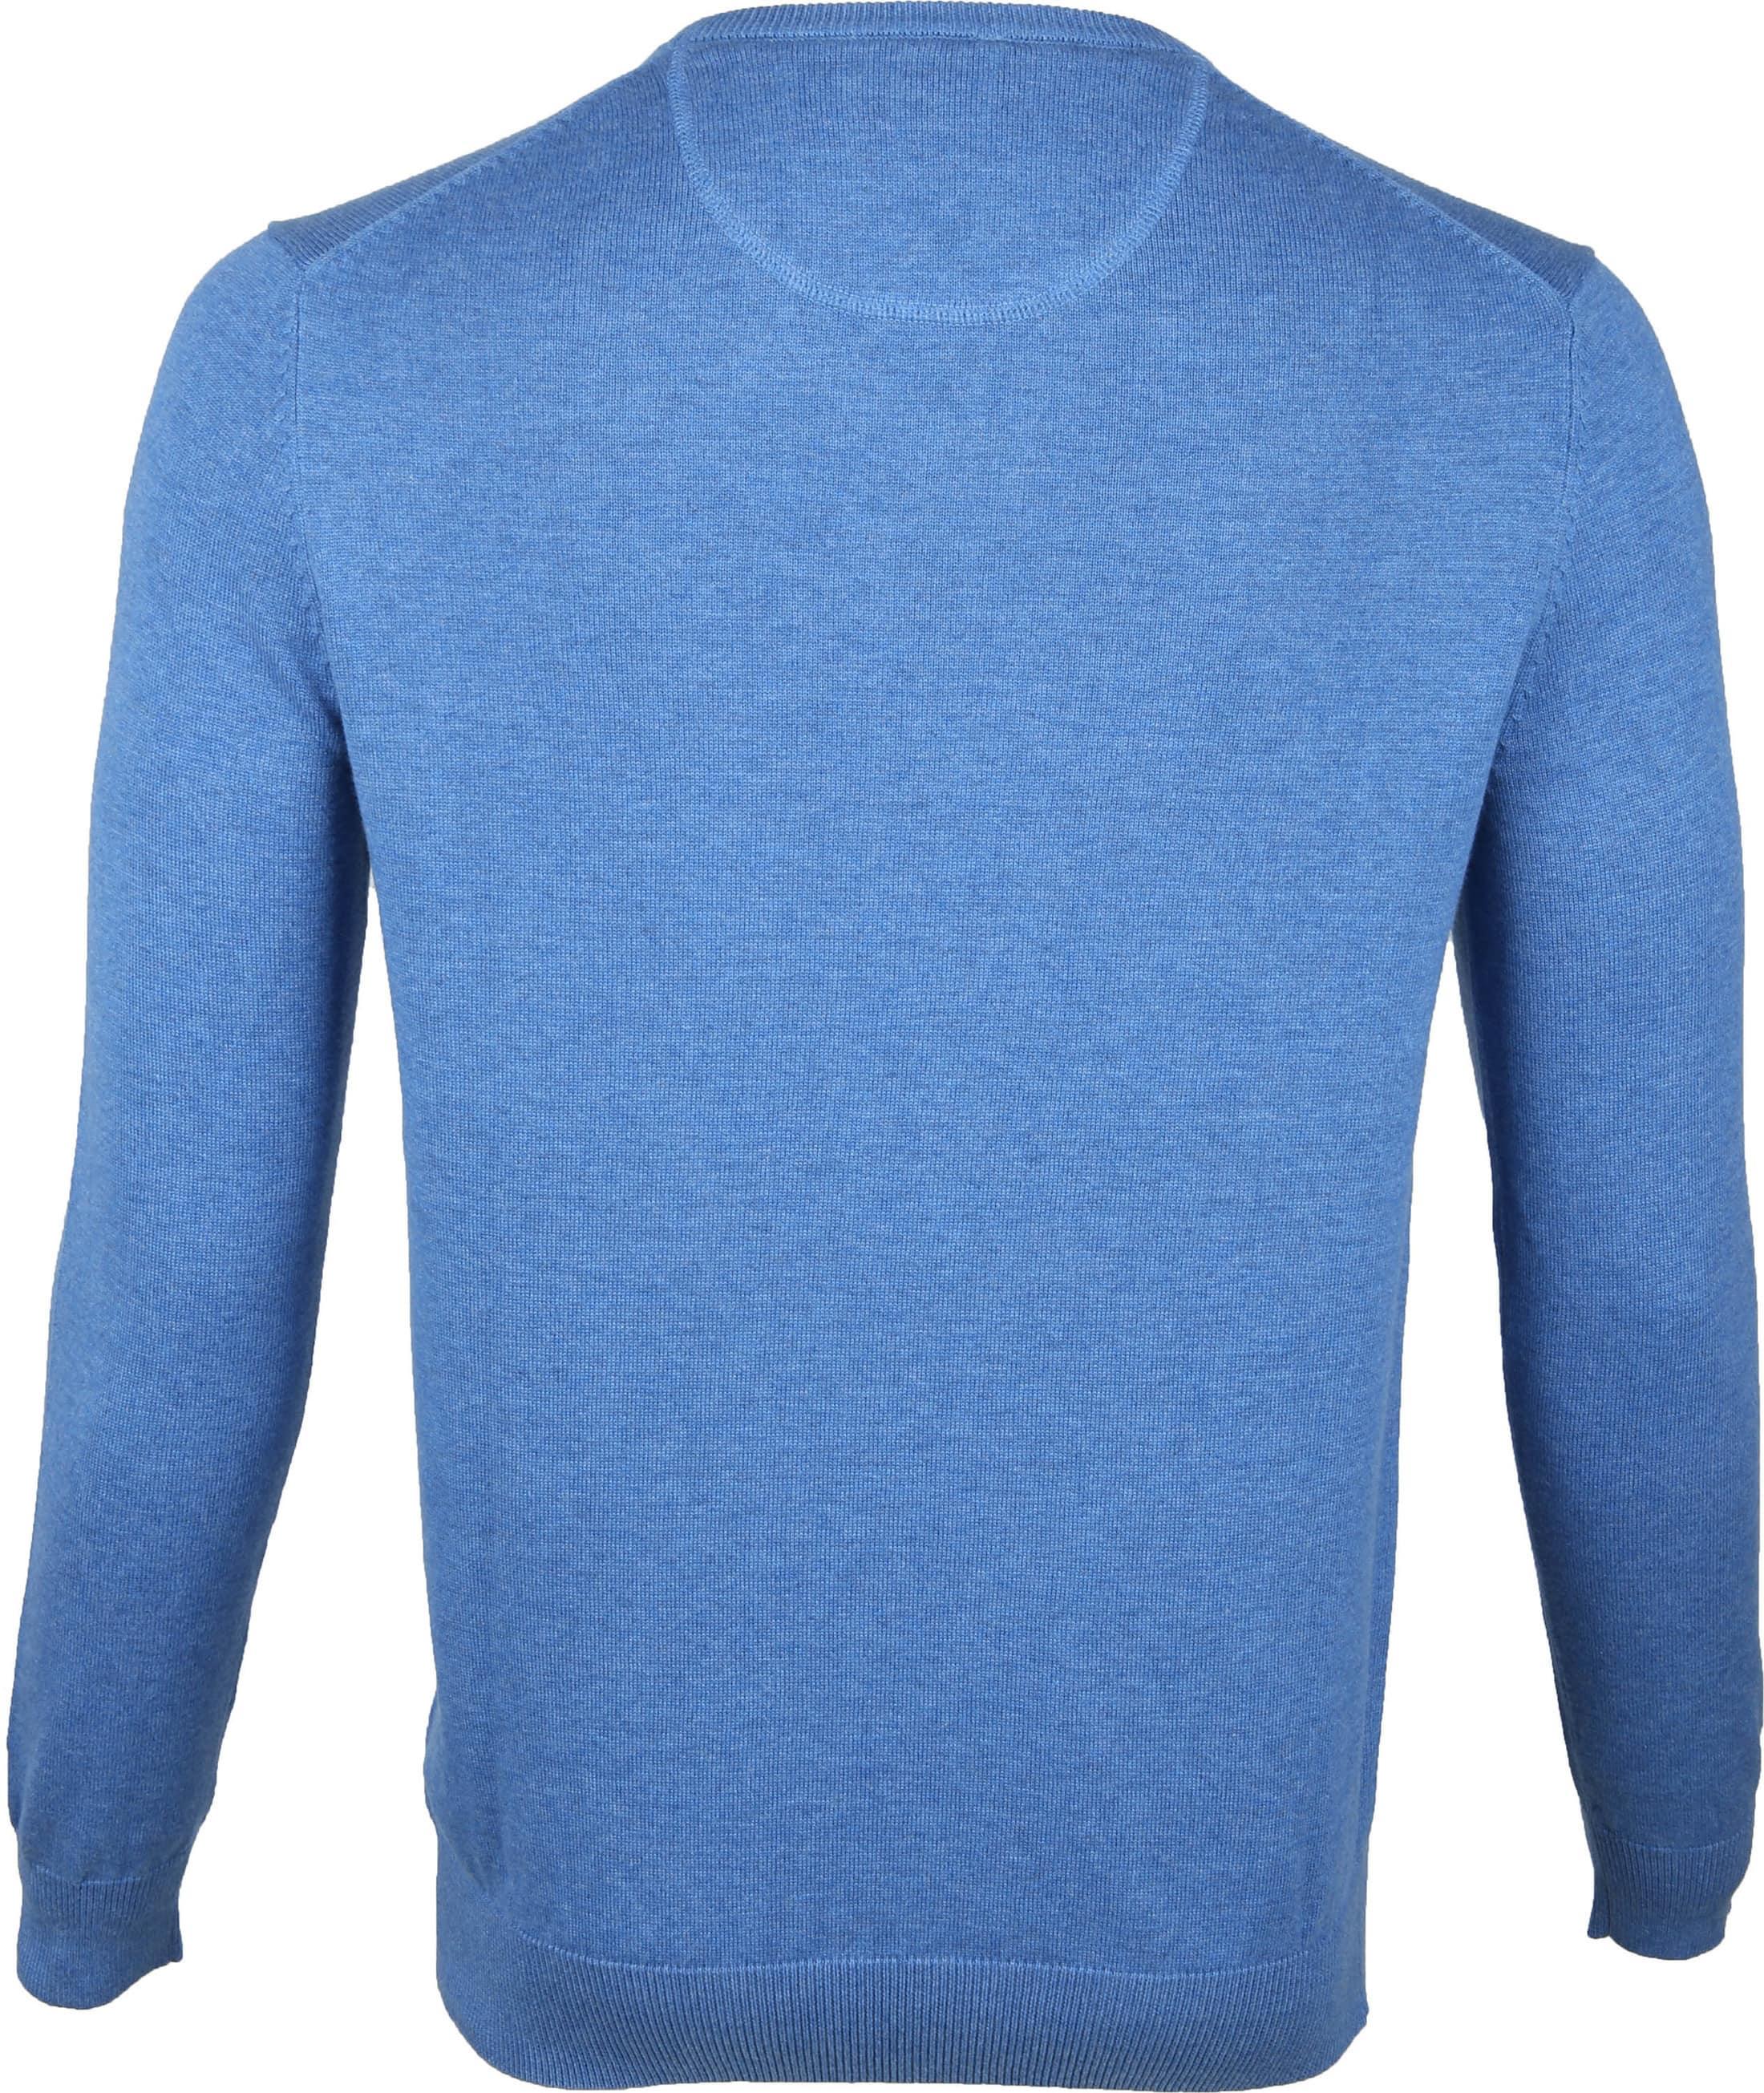 Suitable Vini Pullover Blue foto 3